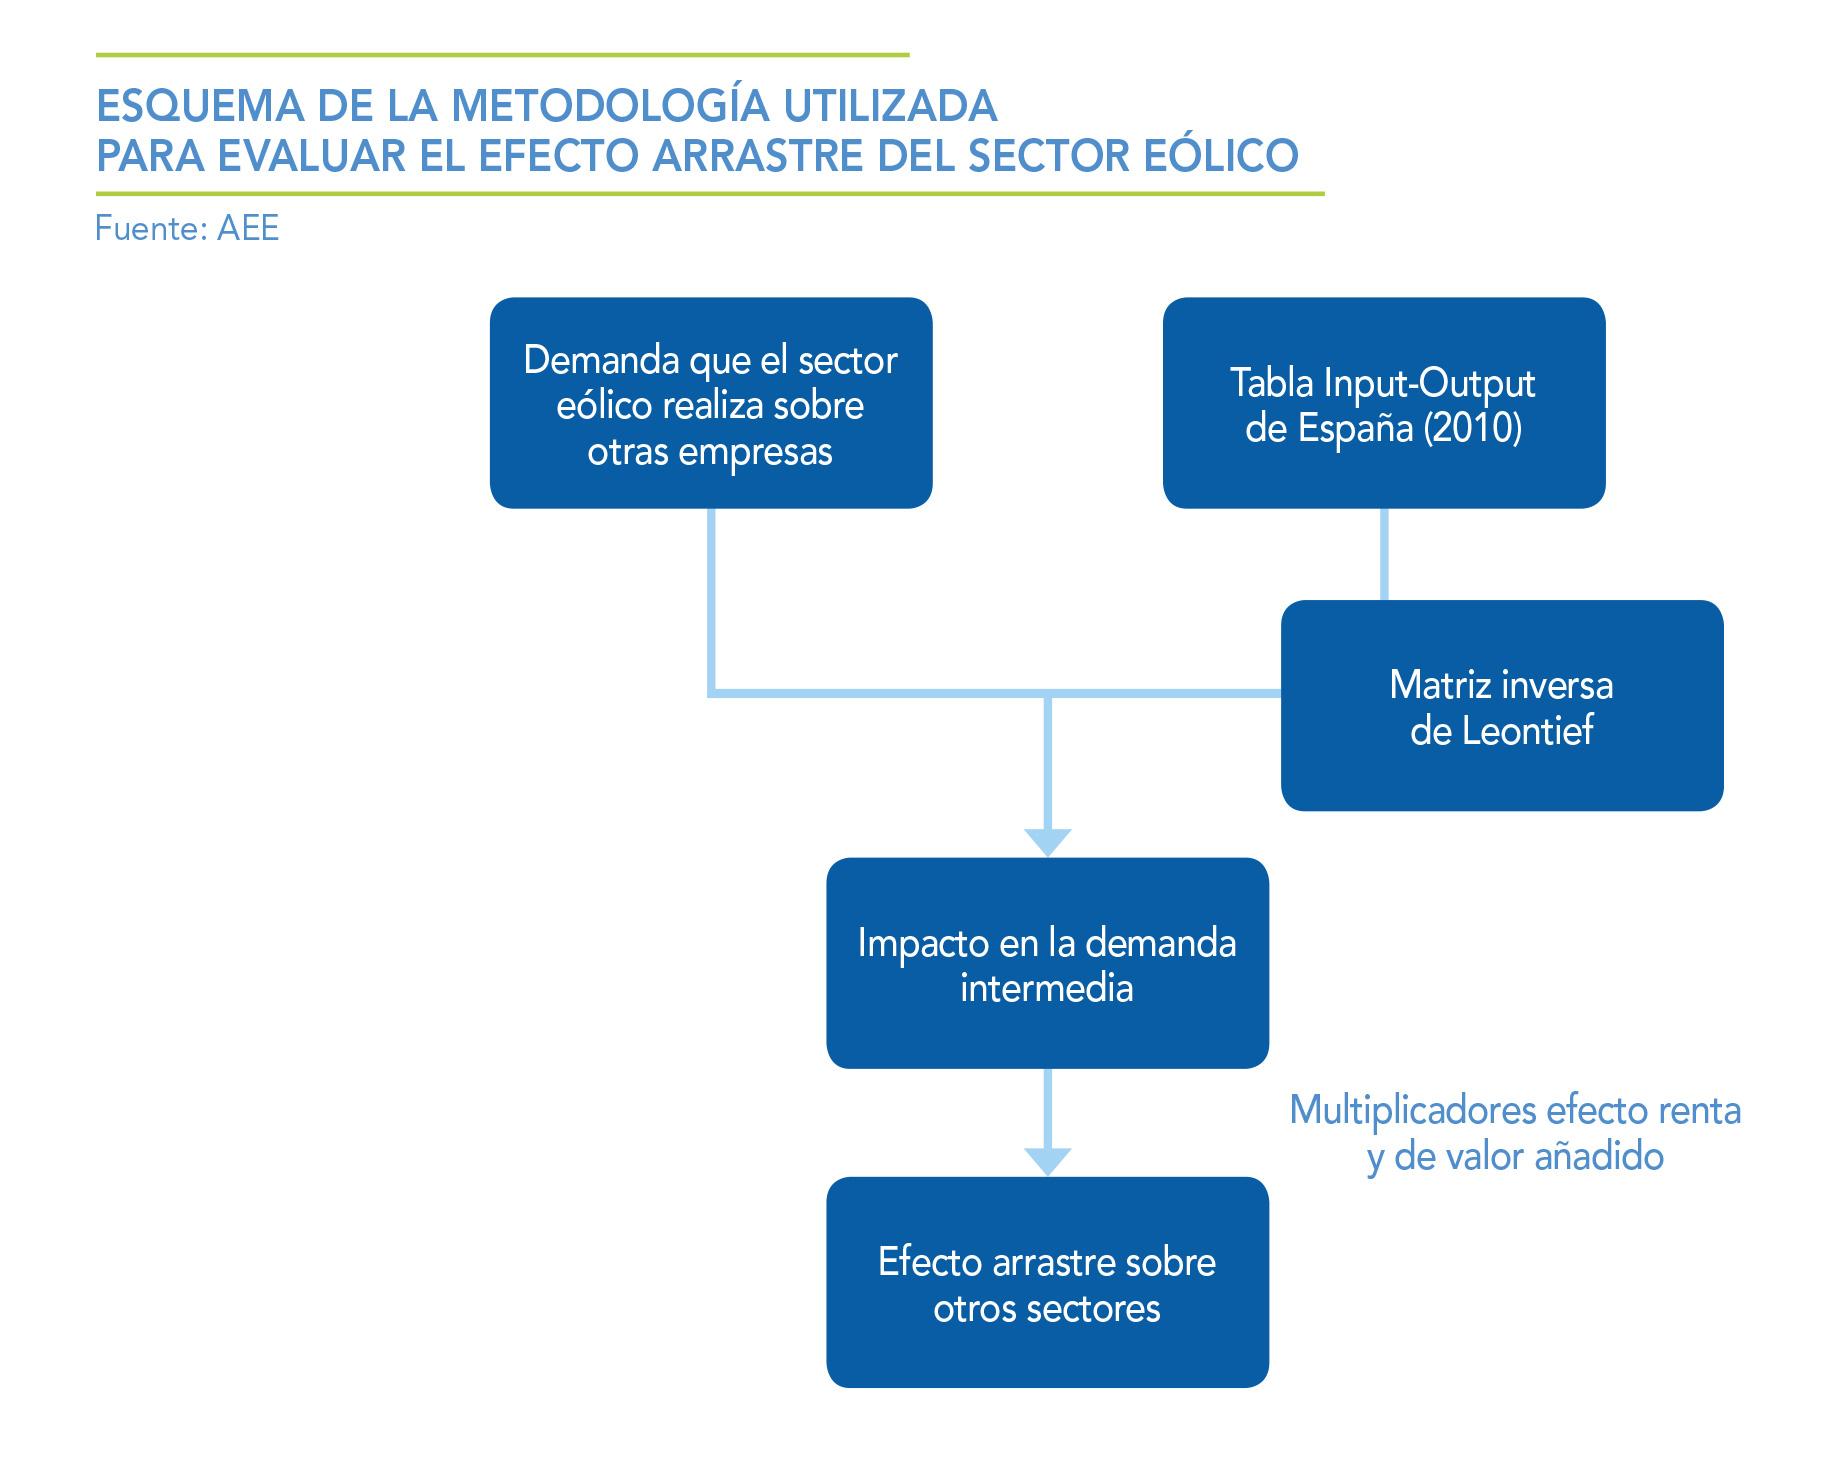 ESQUEMA-DE-LA-METODOLOGIA-UTILIZADA-PARA-EVALUAR-EL-EFECTO-ARRASTRE-DEL-SECTOR-EOLICO